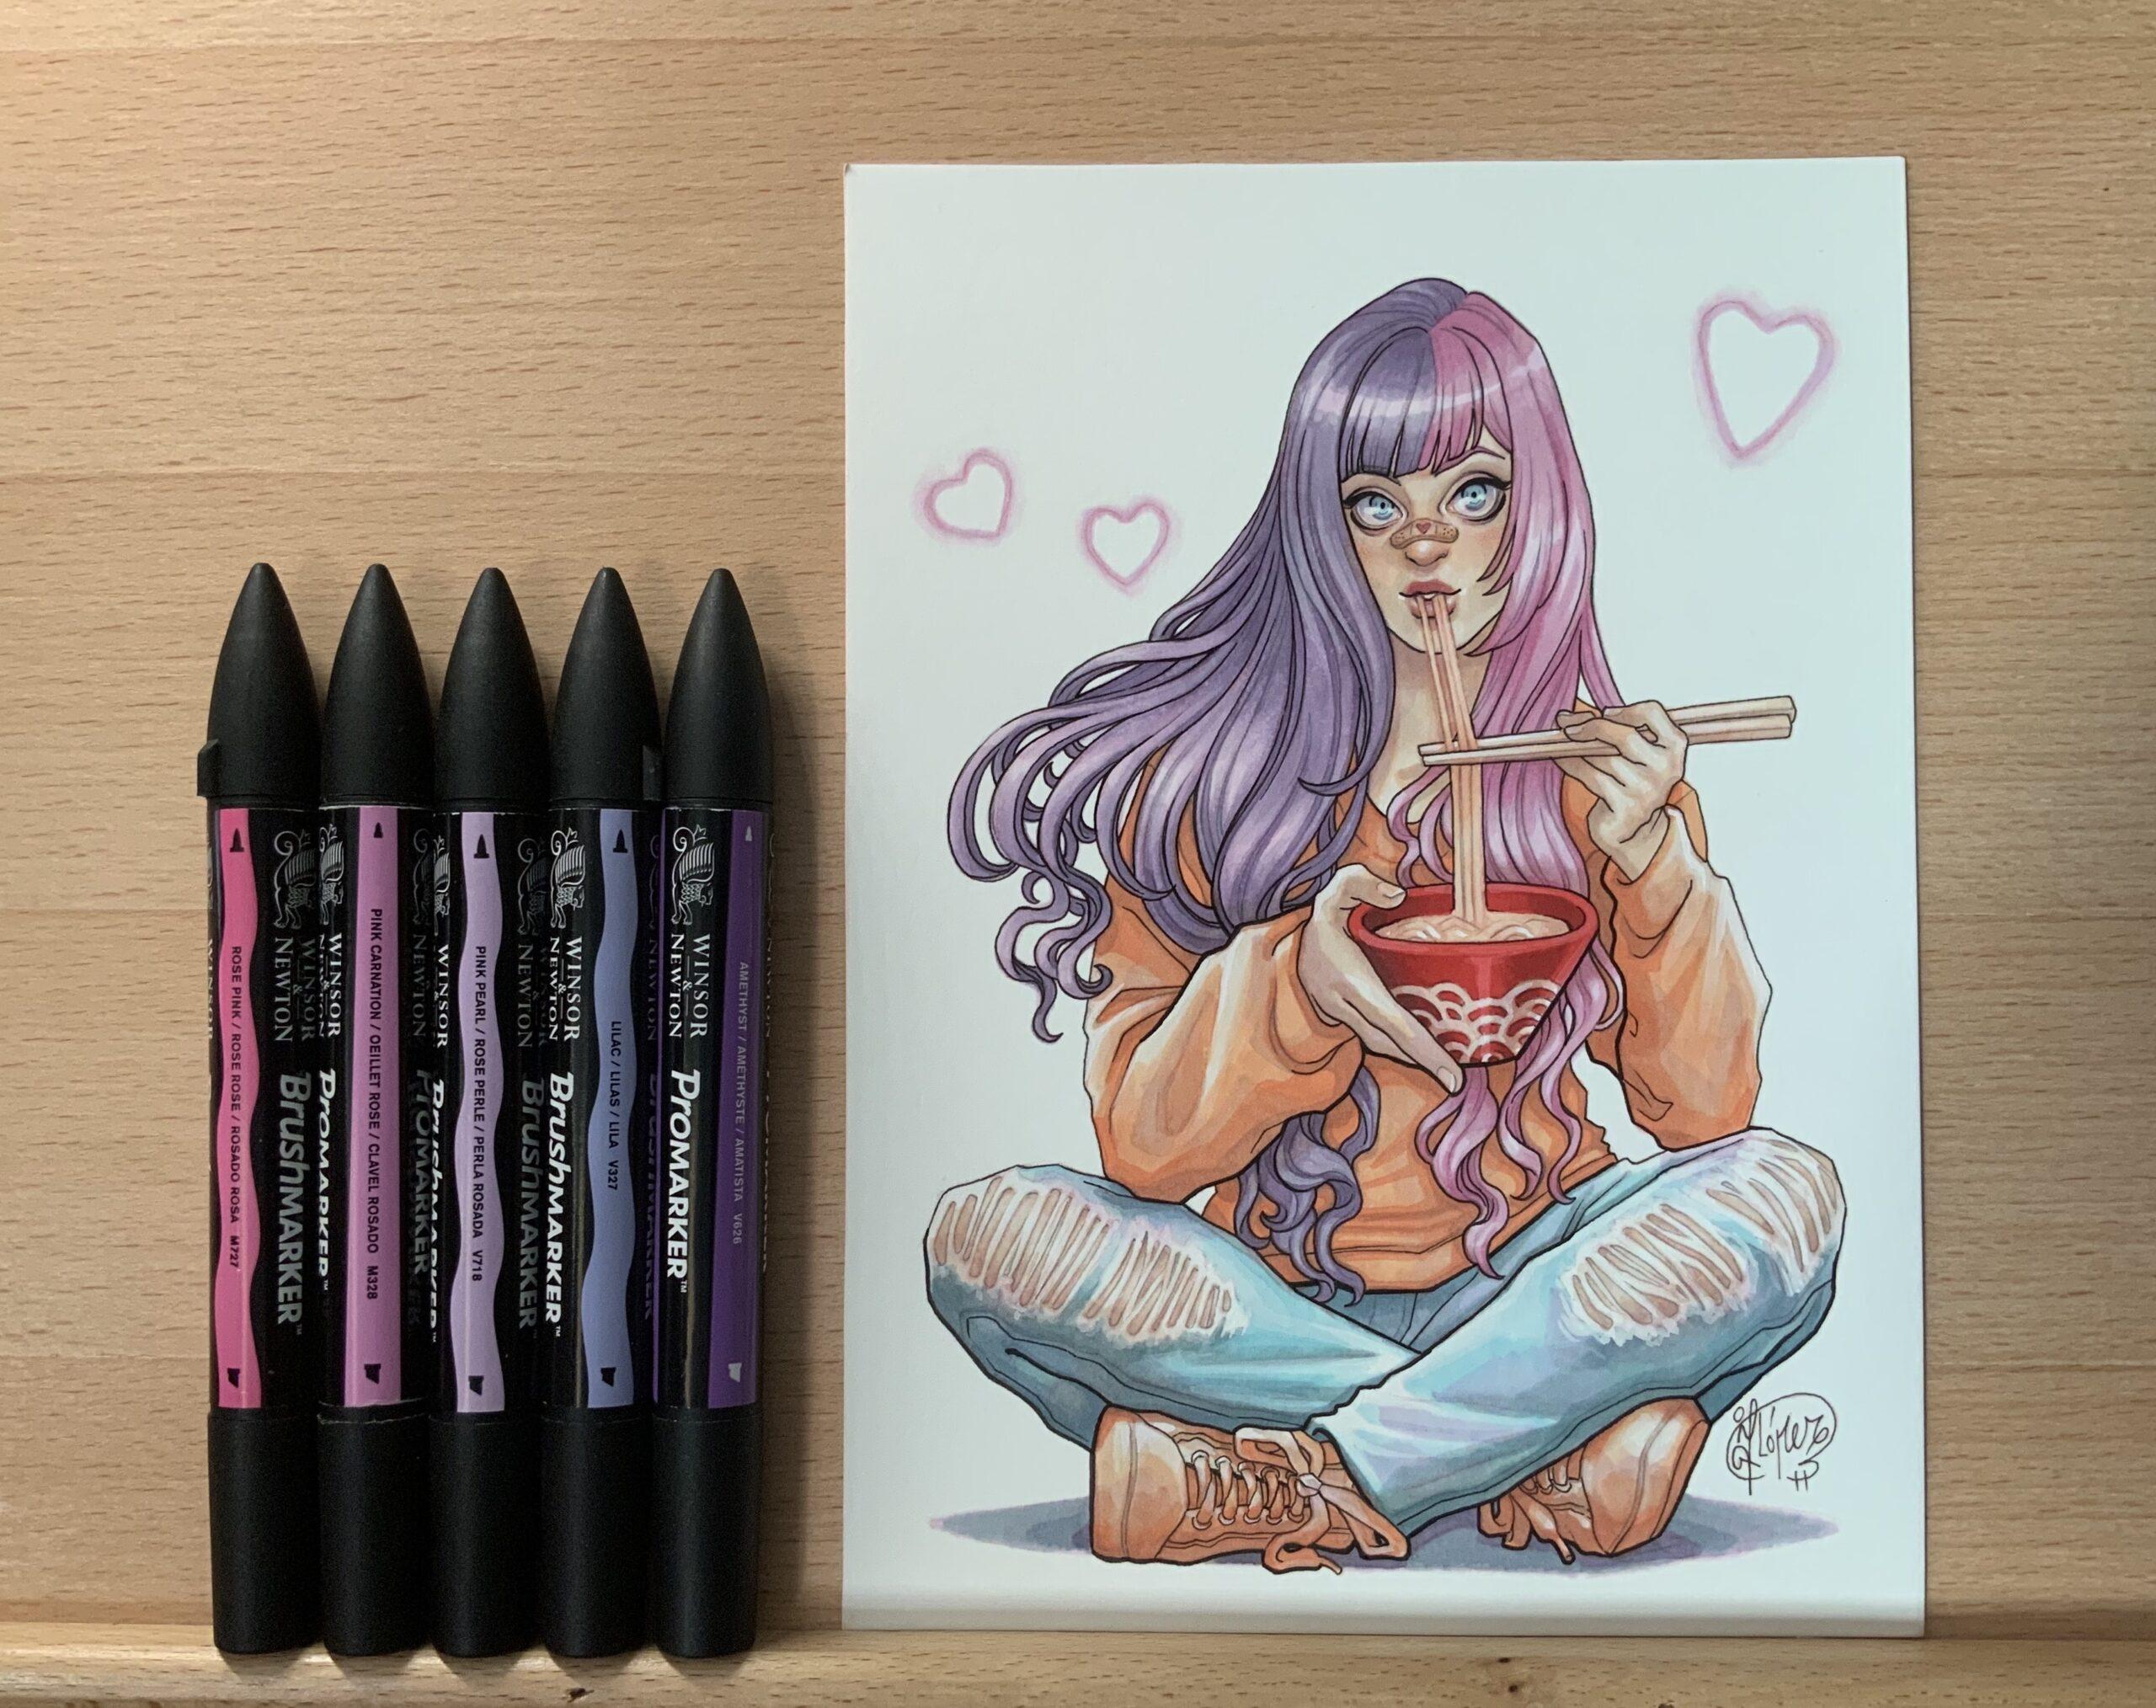 Tuturial para ilustrar chica otaku estilo anime por la ilustradora J. Giner